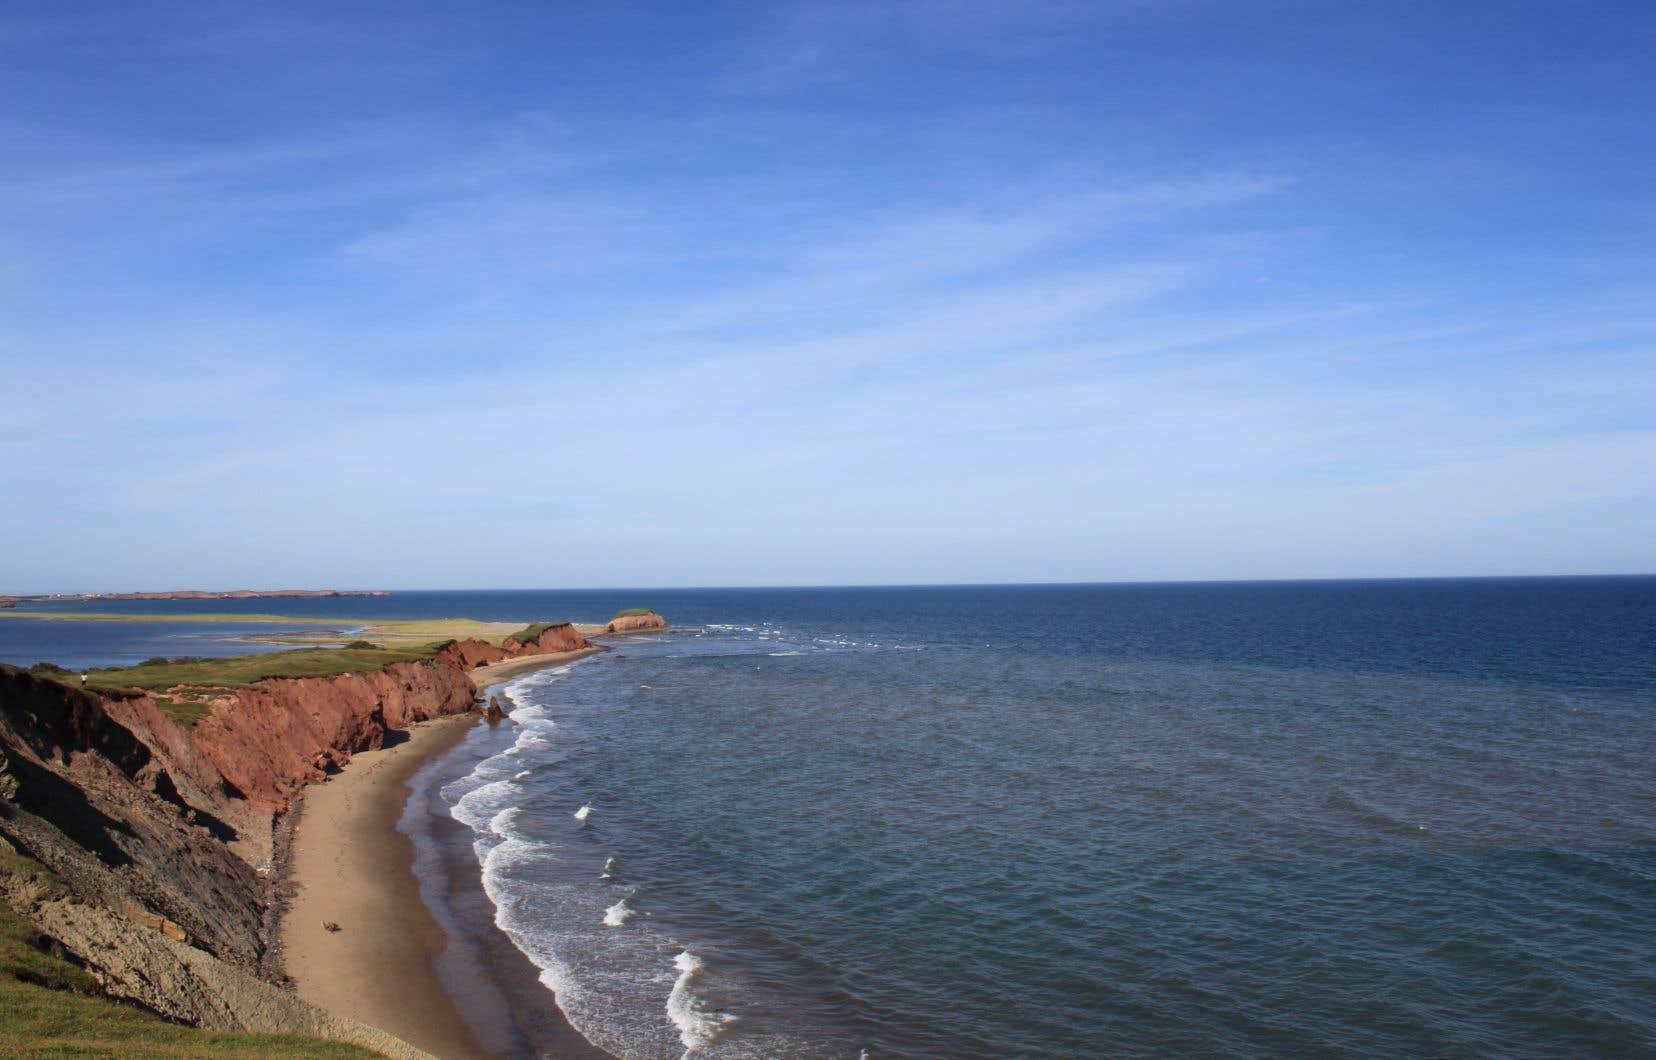 Le projet protégerait plus de 17000 kilomètres carrés de milieux marins autour des îles de la Madeleine.